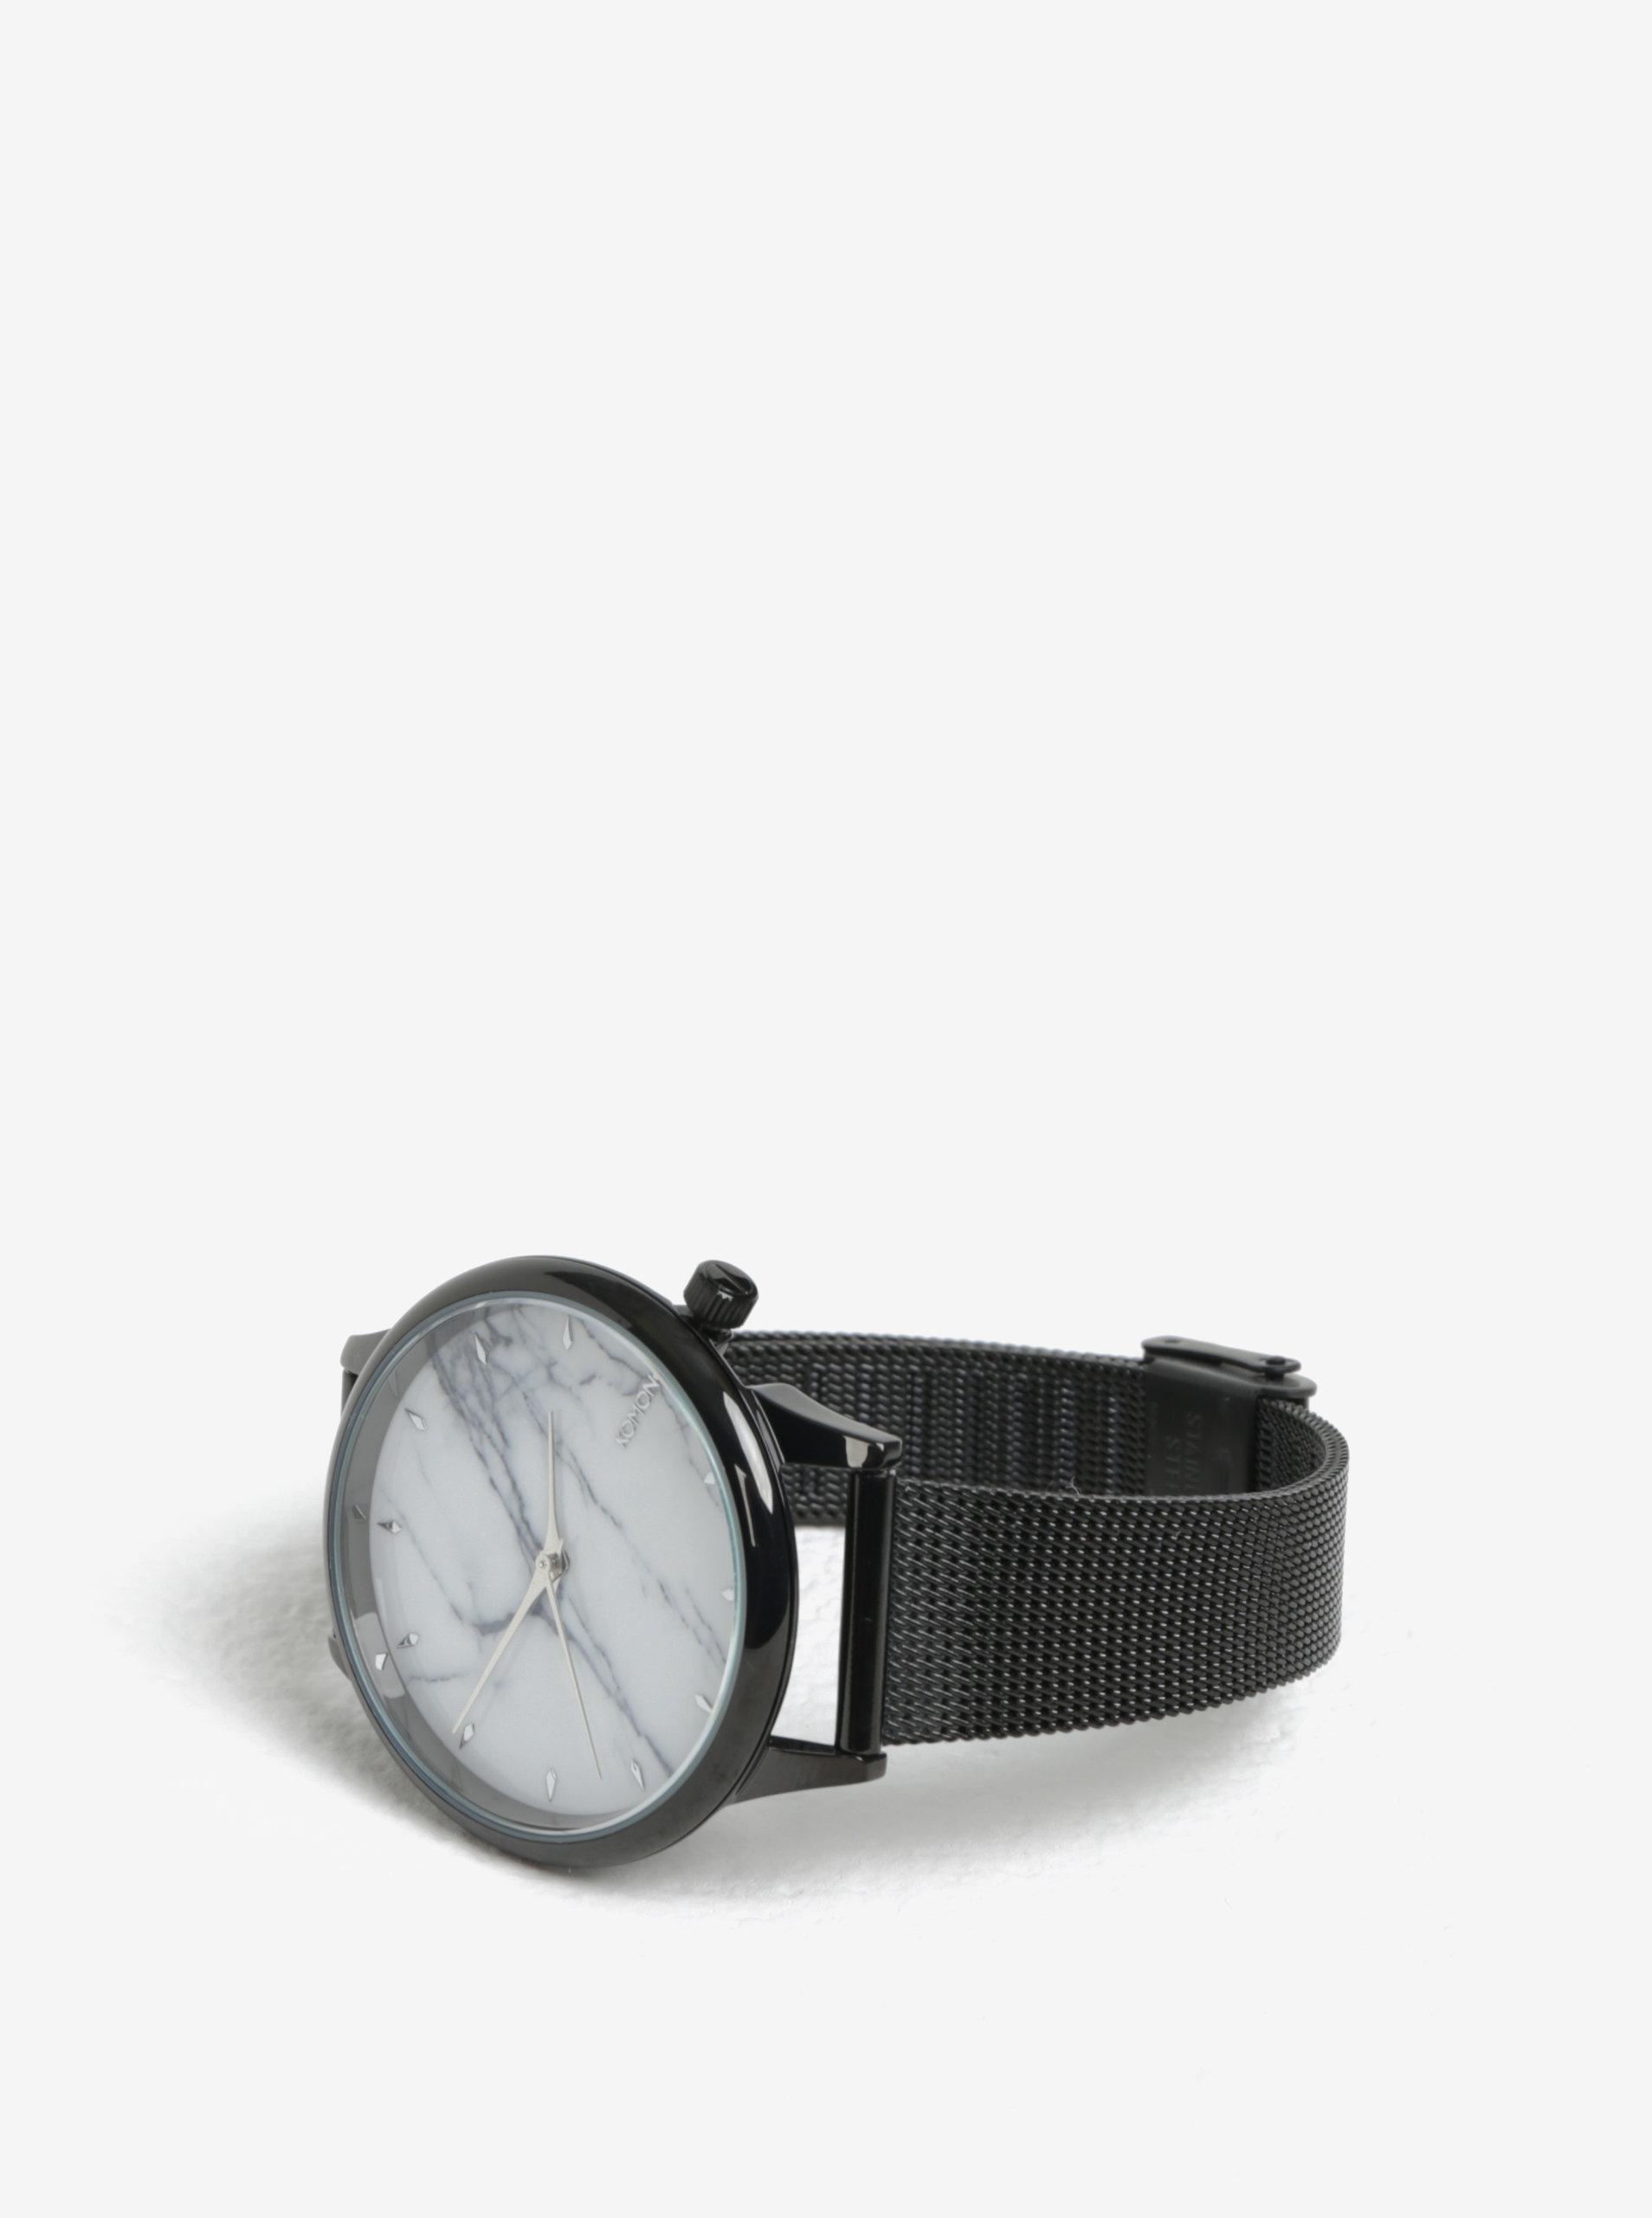 Dámske hodinky s čierným remienkom a mramorovaným ciferníkom Komono Estelle  Royale ... e7eb6b4d98c